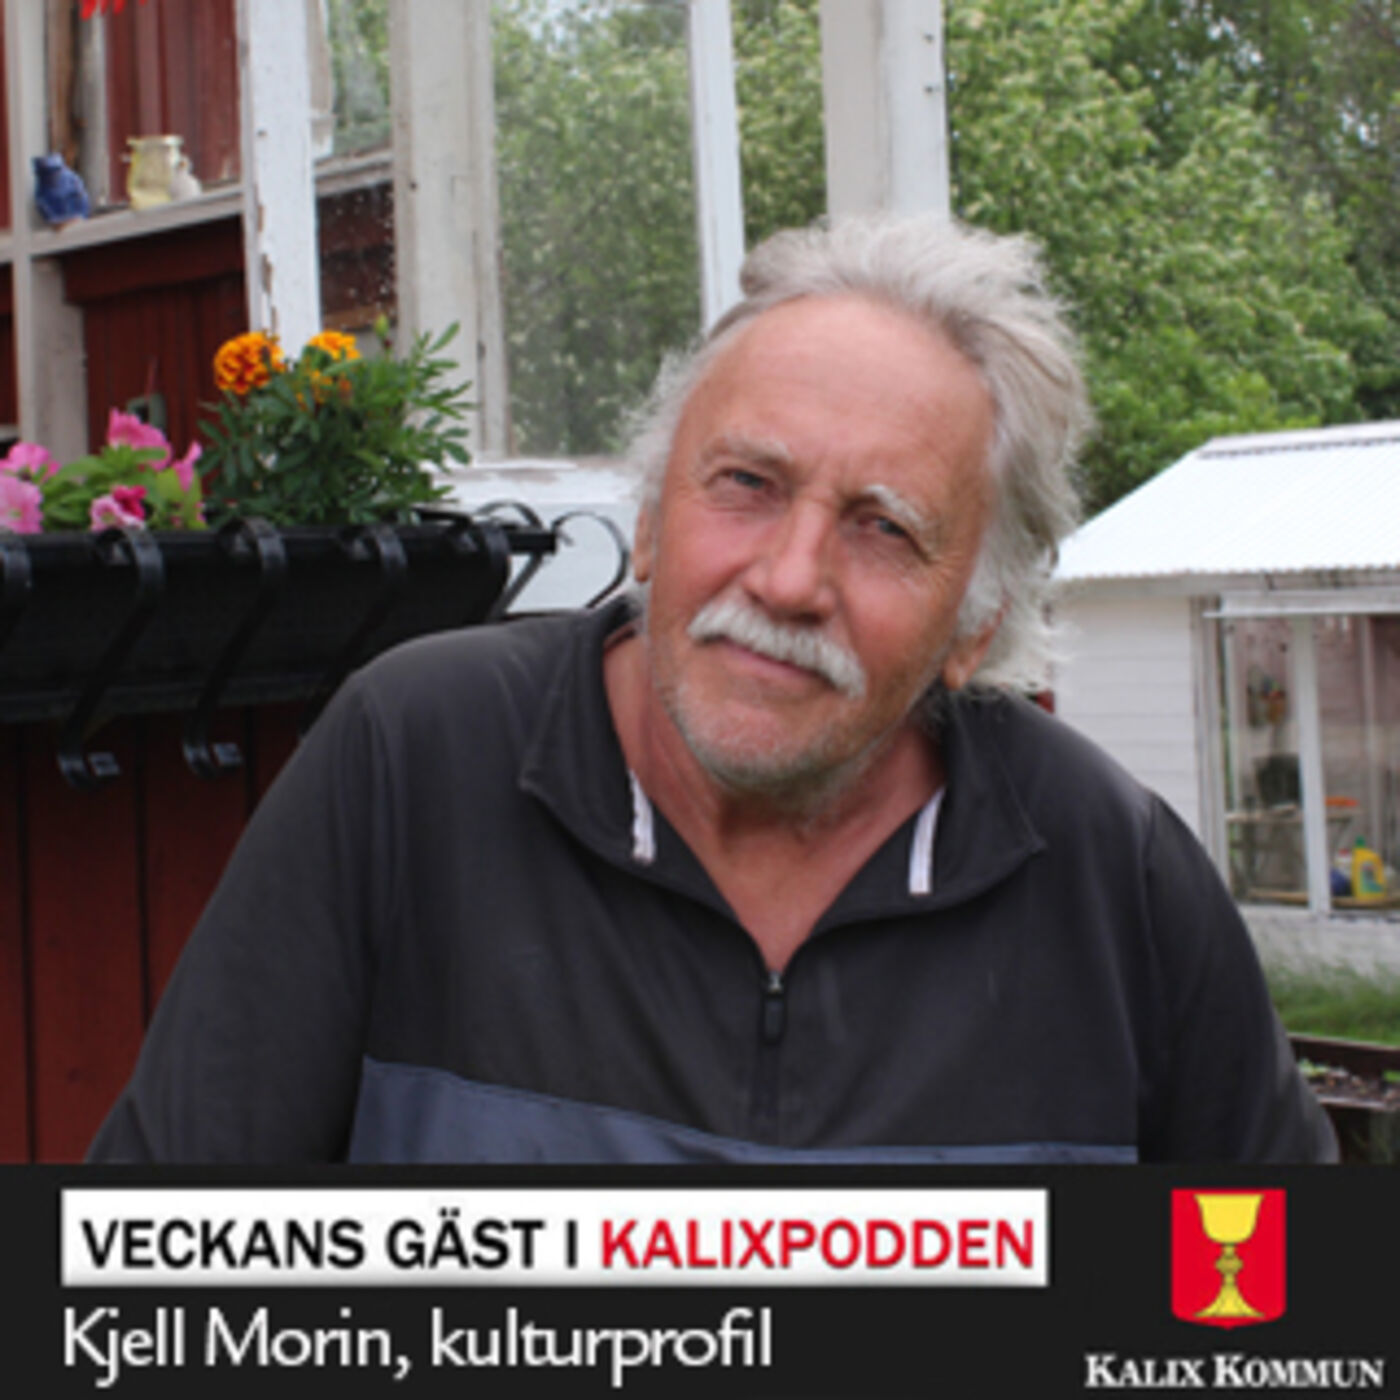 Kjell Morin, kulturprofil